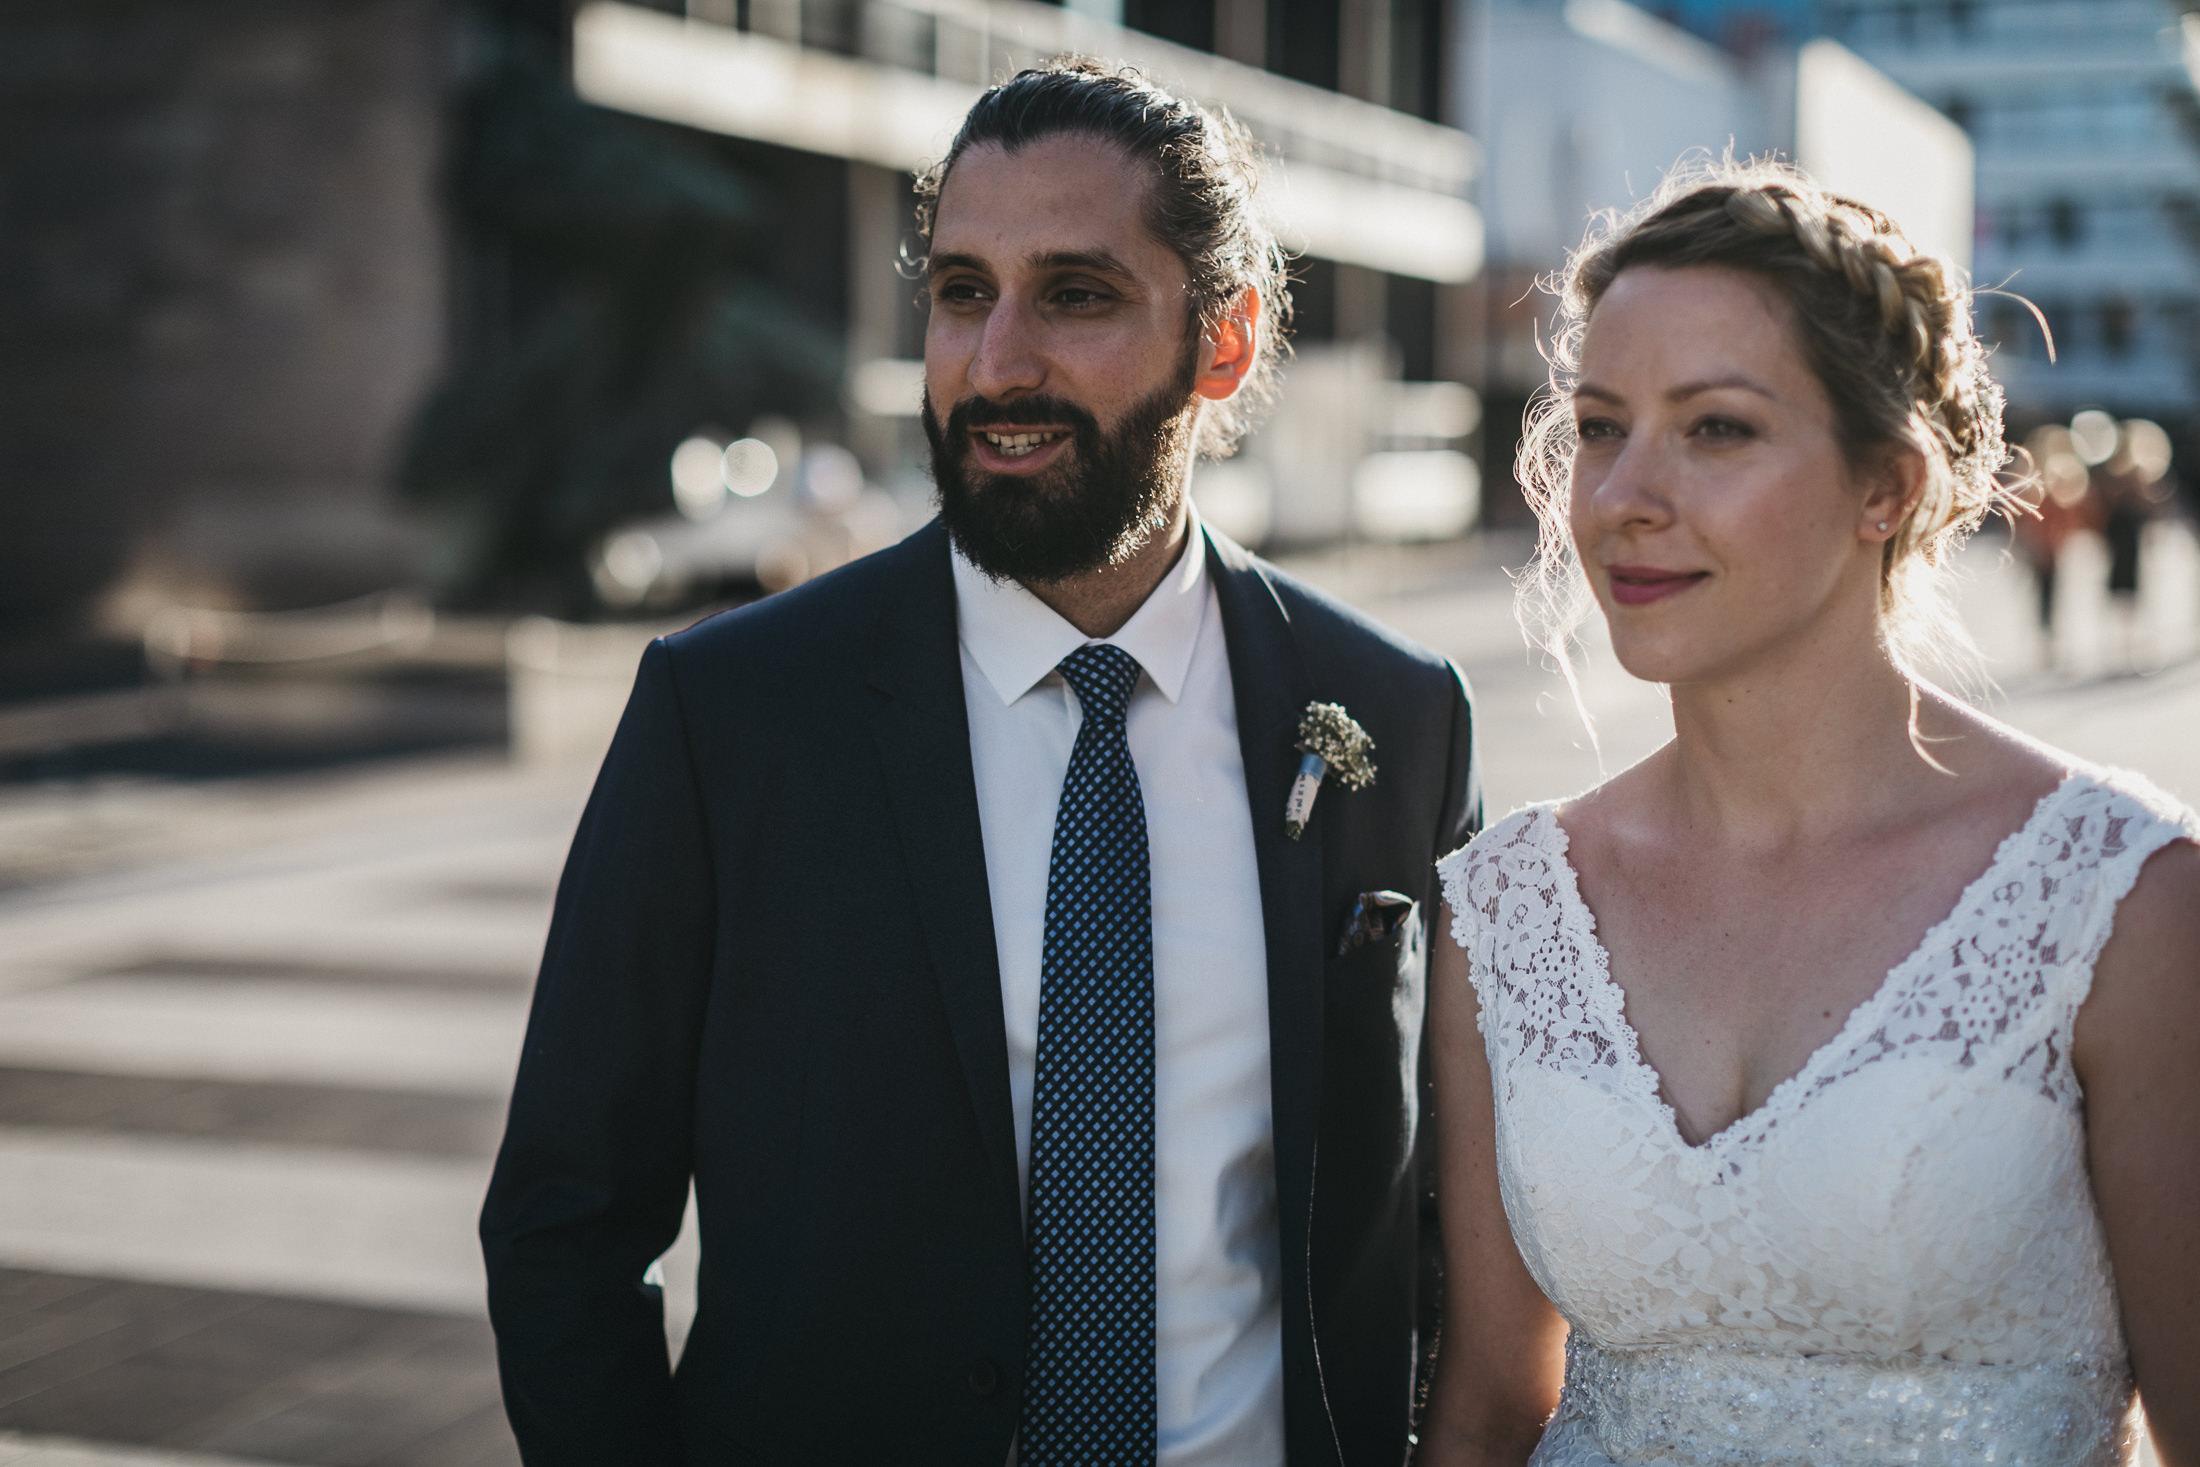 Jessi-Niko-Hochzeit-Nuernberg-city-urban-Bildervomleben-7J0A4693